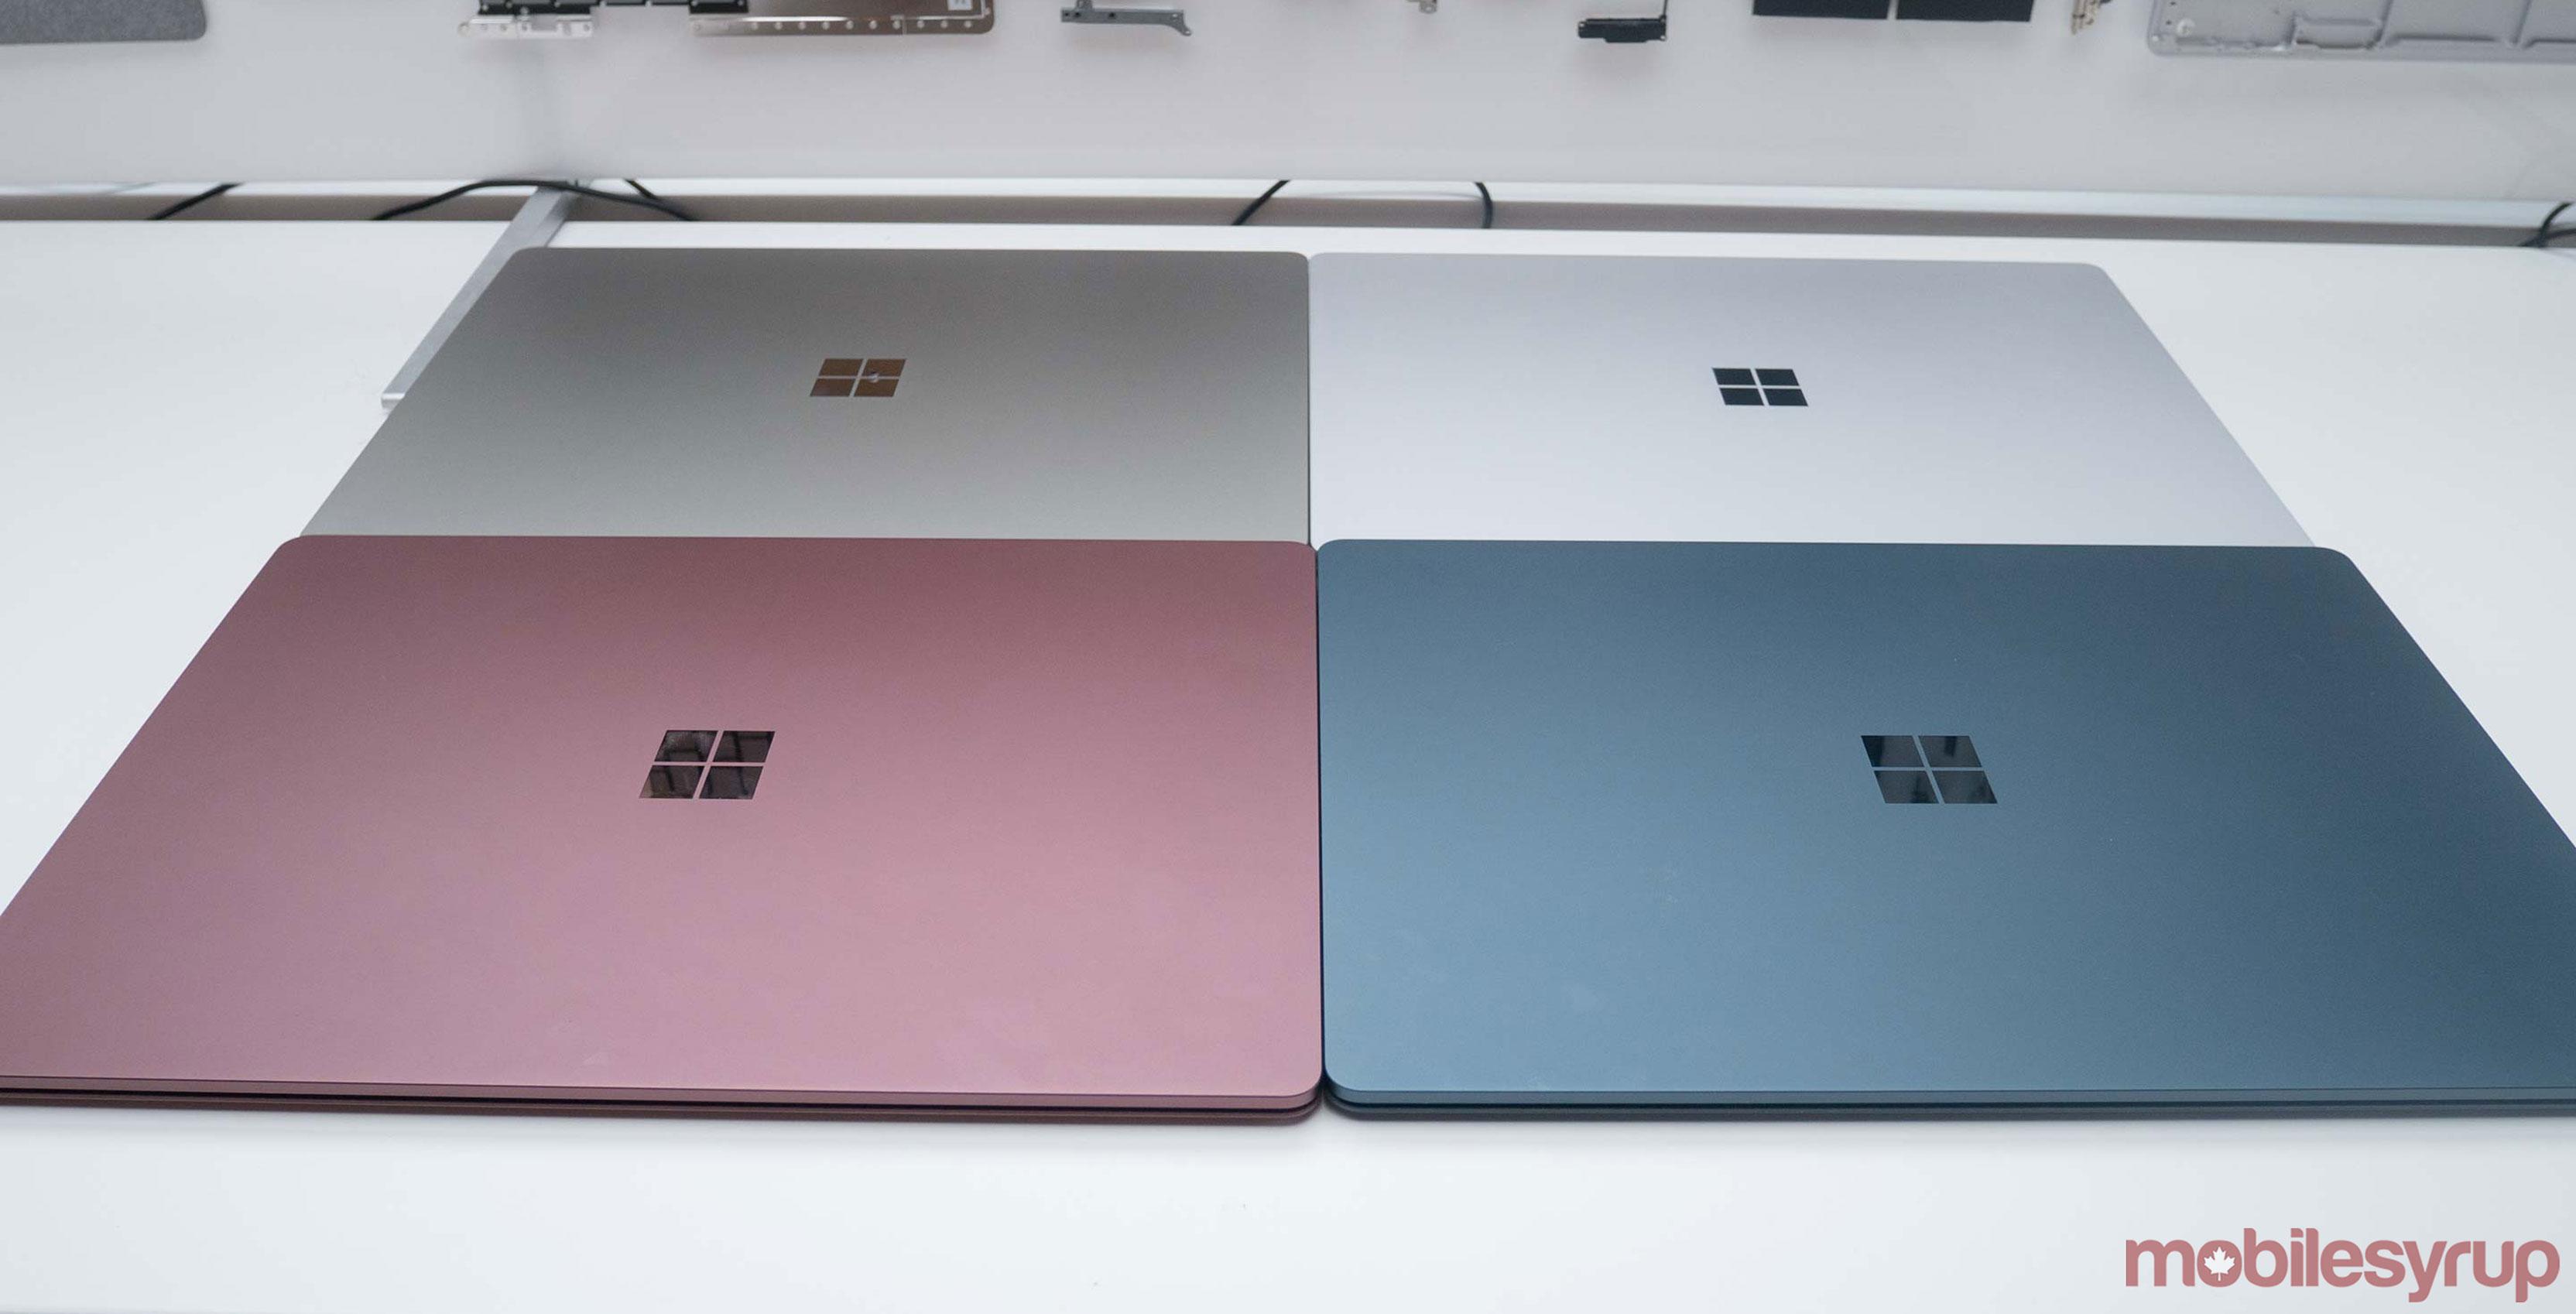 Surface Laptop colours